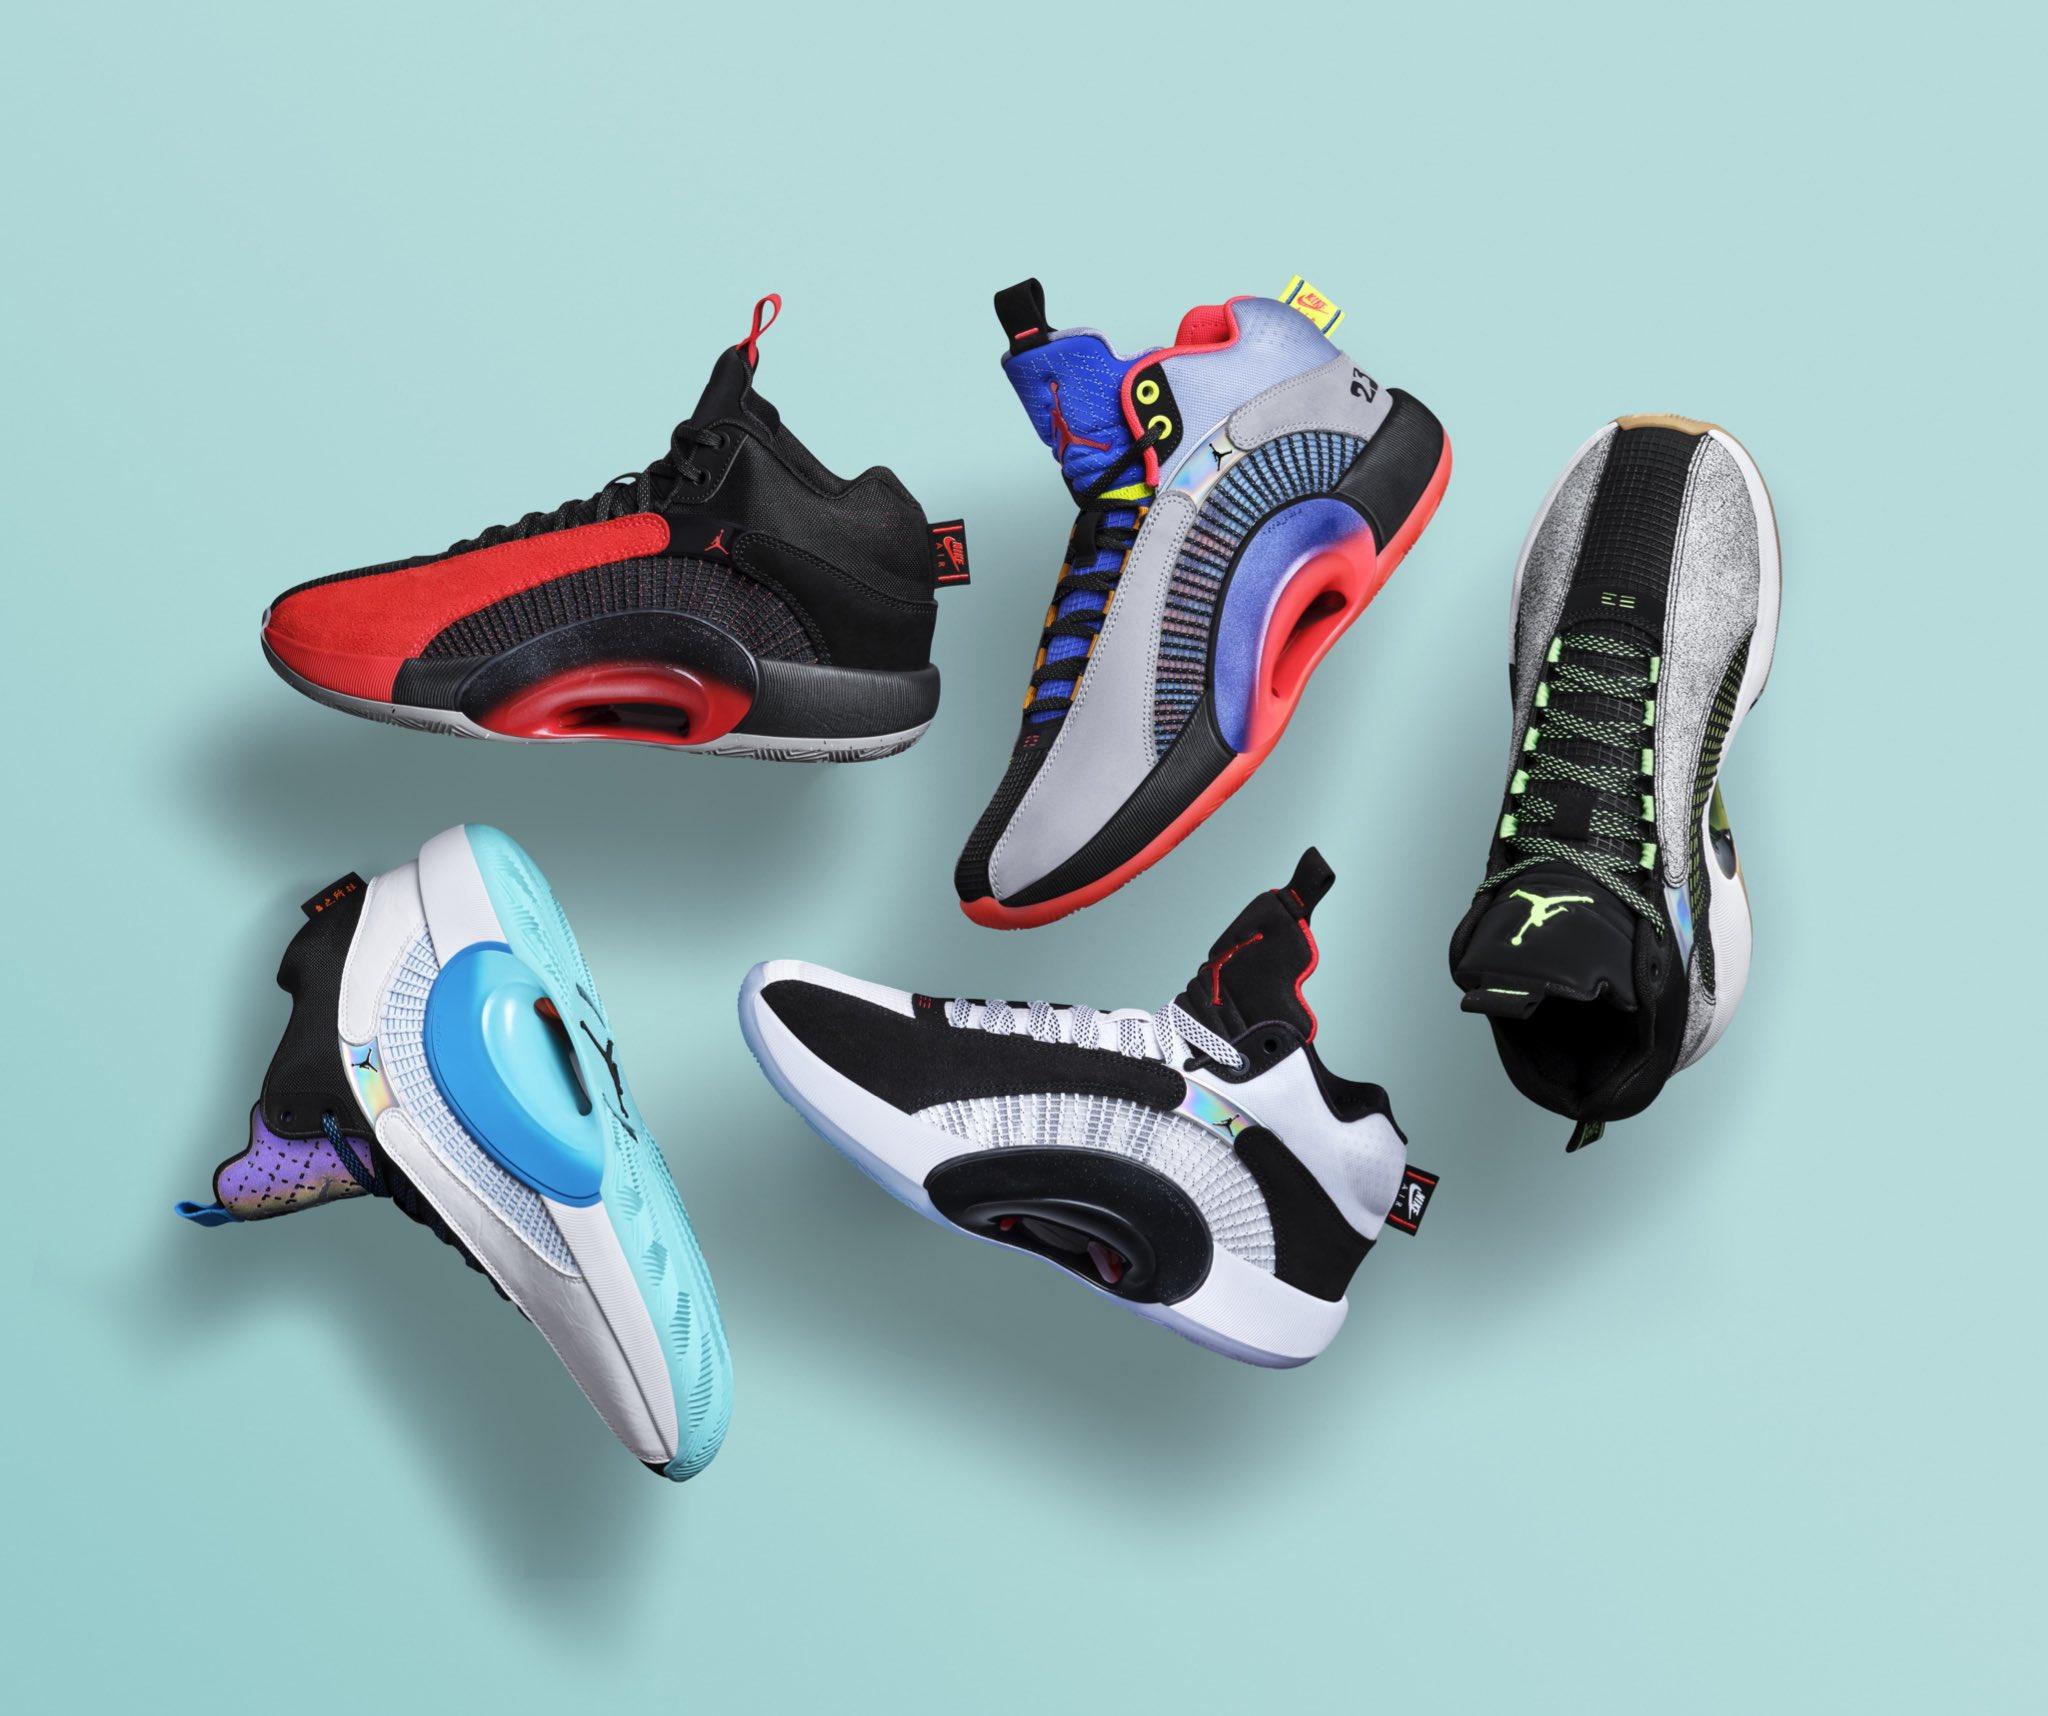 AJ35球鞋发布,蔡恩、郭艾伦等旗下球员将获专属配色